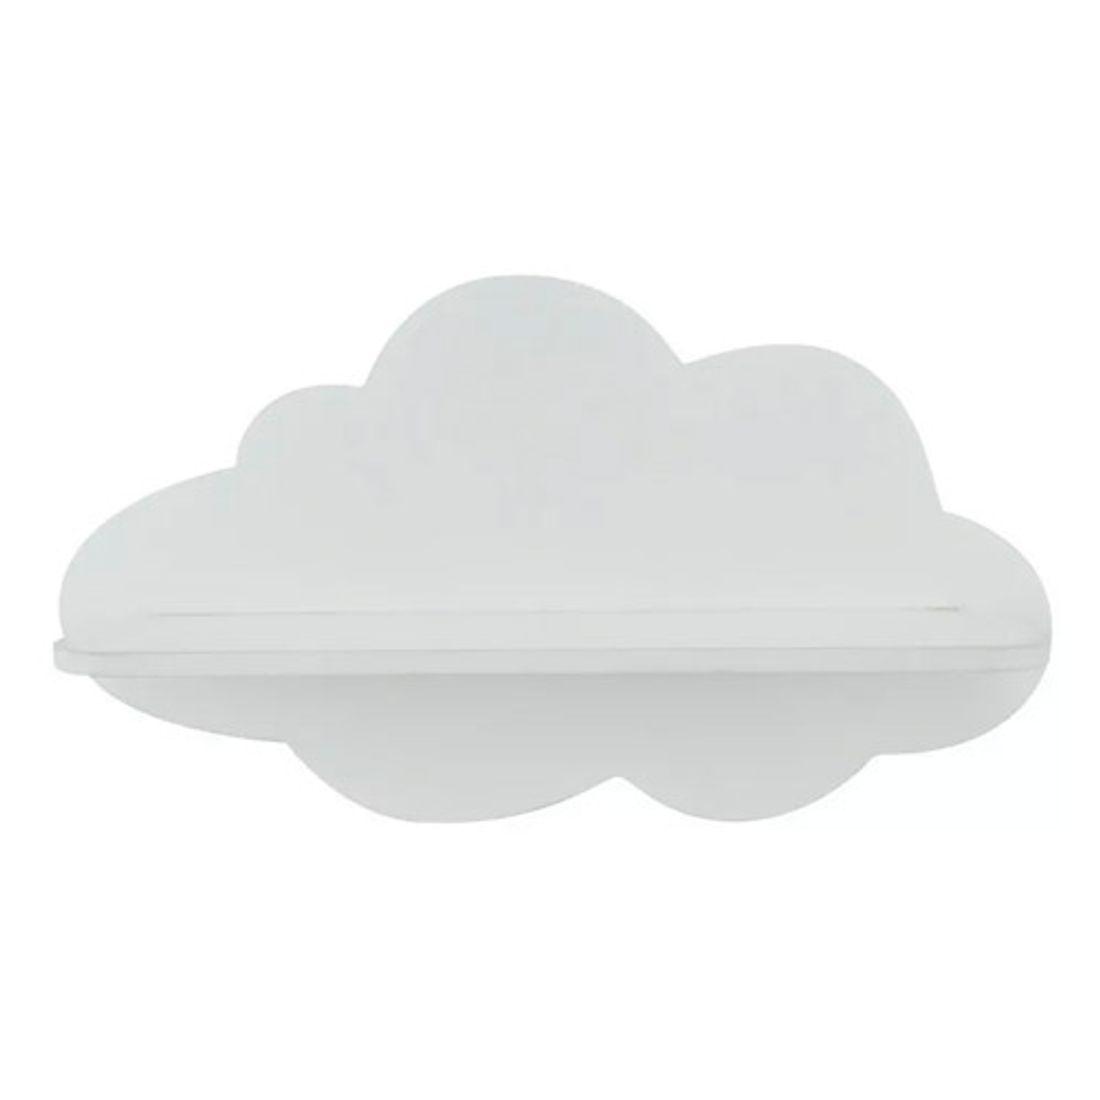 Prateleira-Nuvem-P-Decoracao-26x6-Mdf-Madeira-Pintado